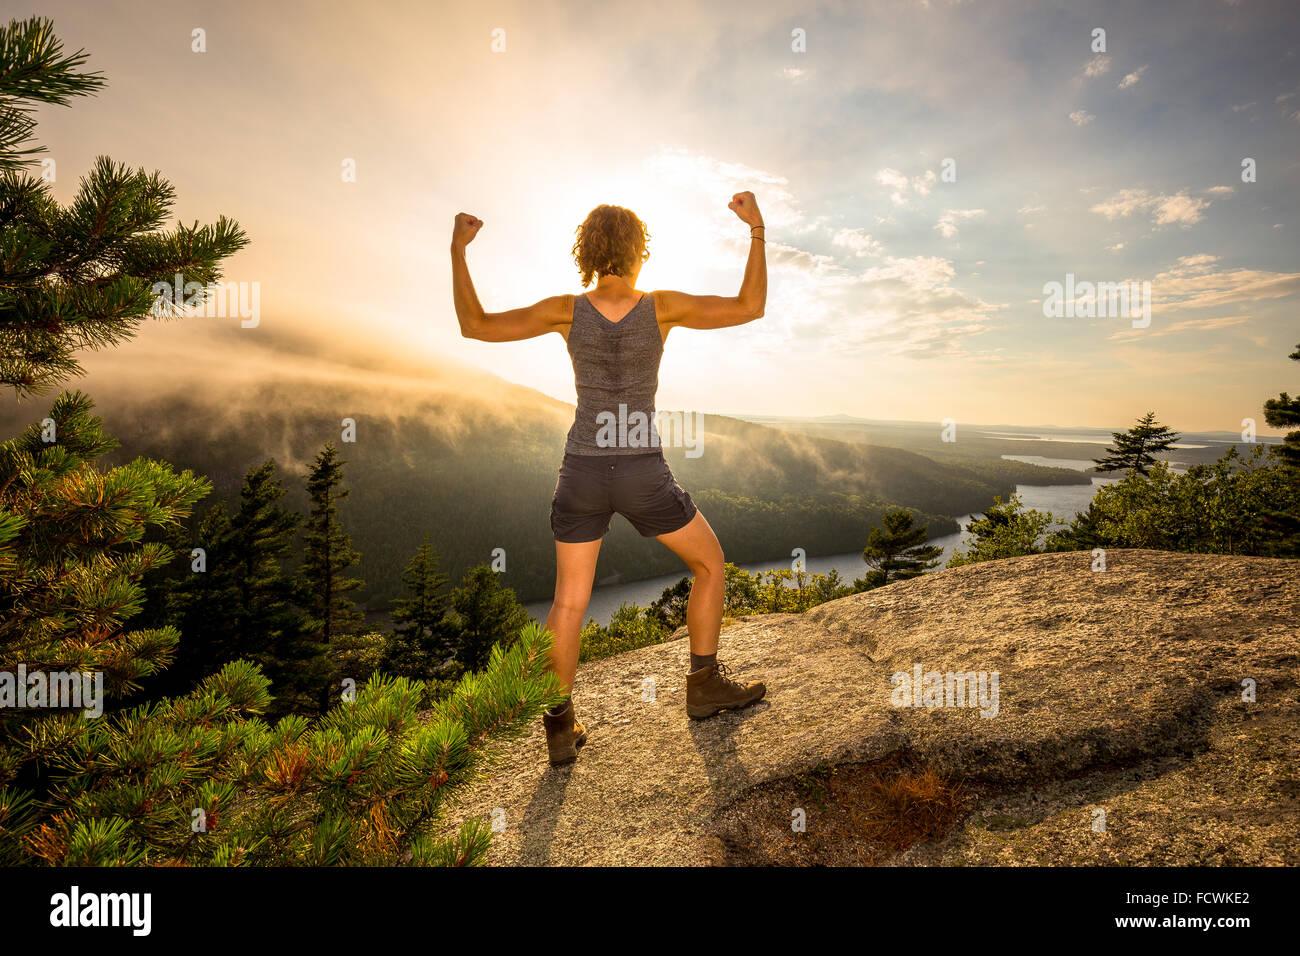 Une jeune femme se tend sur une montagne oublier dans l'Acadia National Park, Mount Desert Island, dans le Maine, Photo Stock